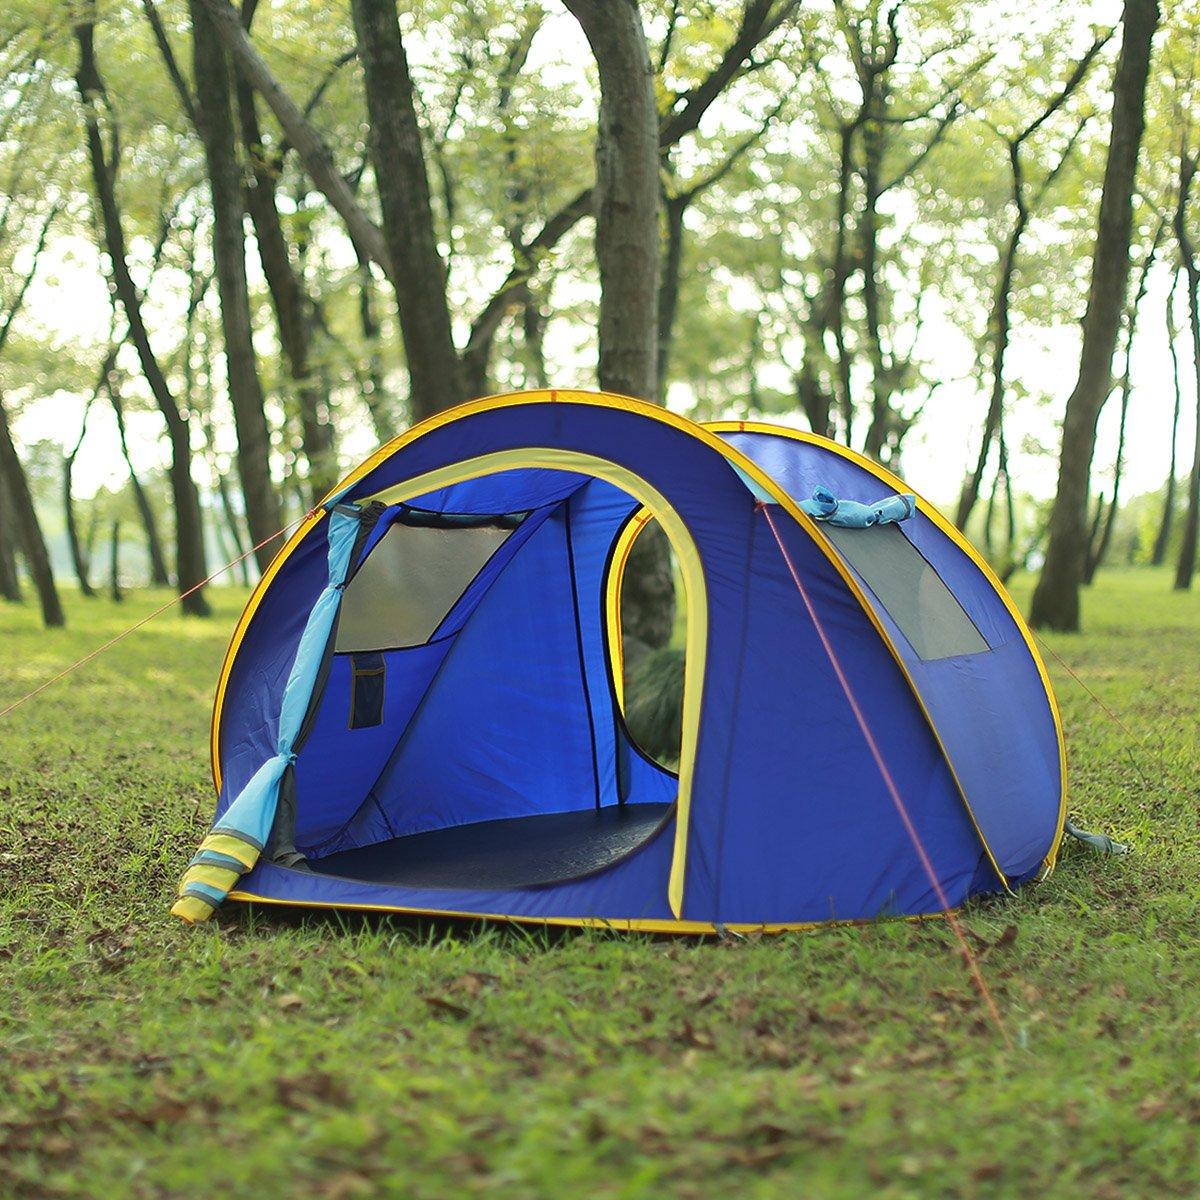 Huilingyang La tienda de campaña portátil y establecer automáticamente 3-4 personas Campamento para Viaje Campaña carpa para senderismo actividades al aire libre